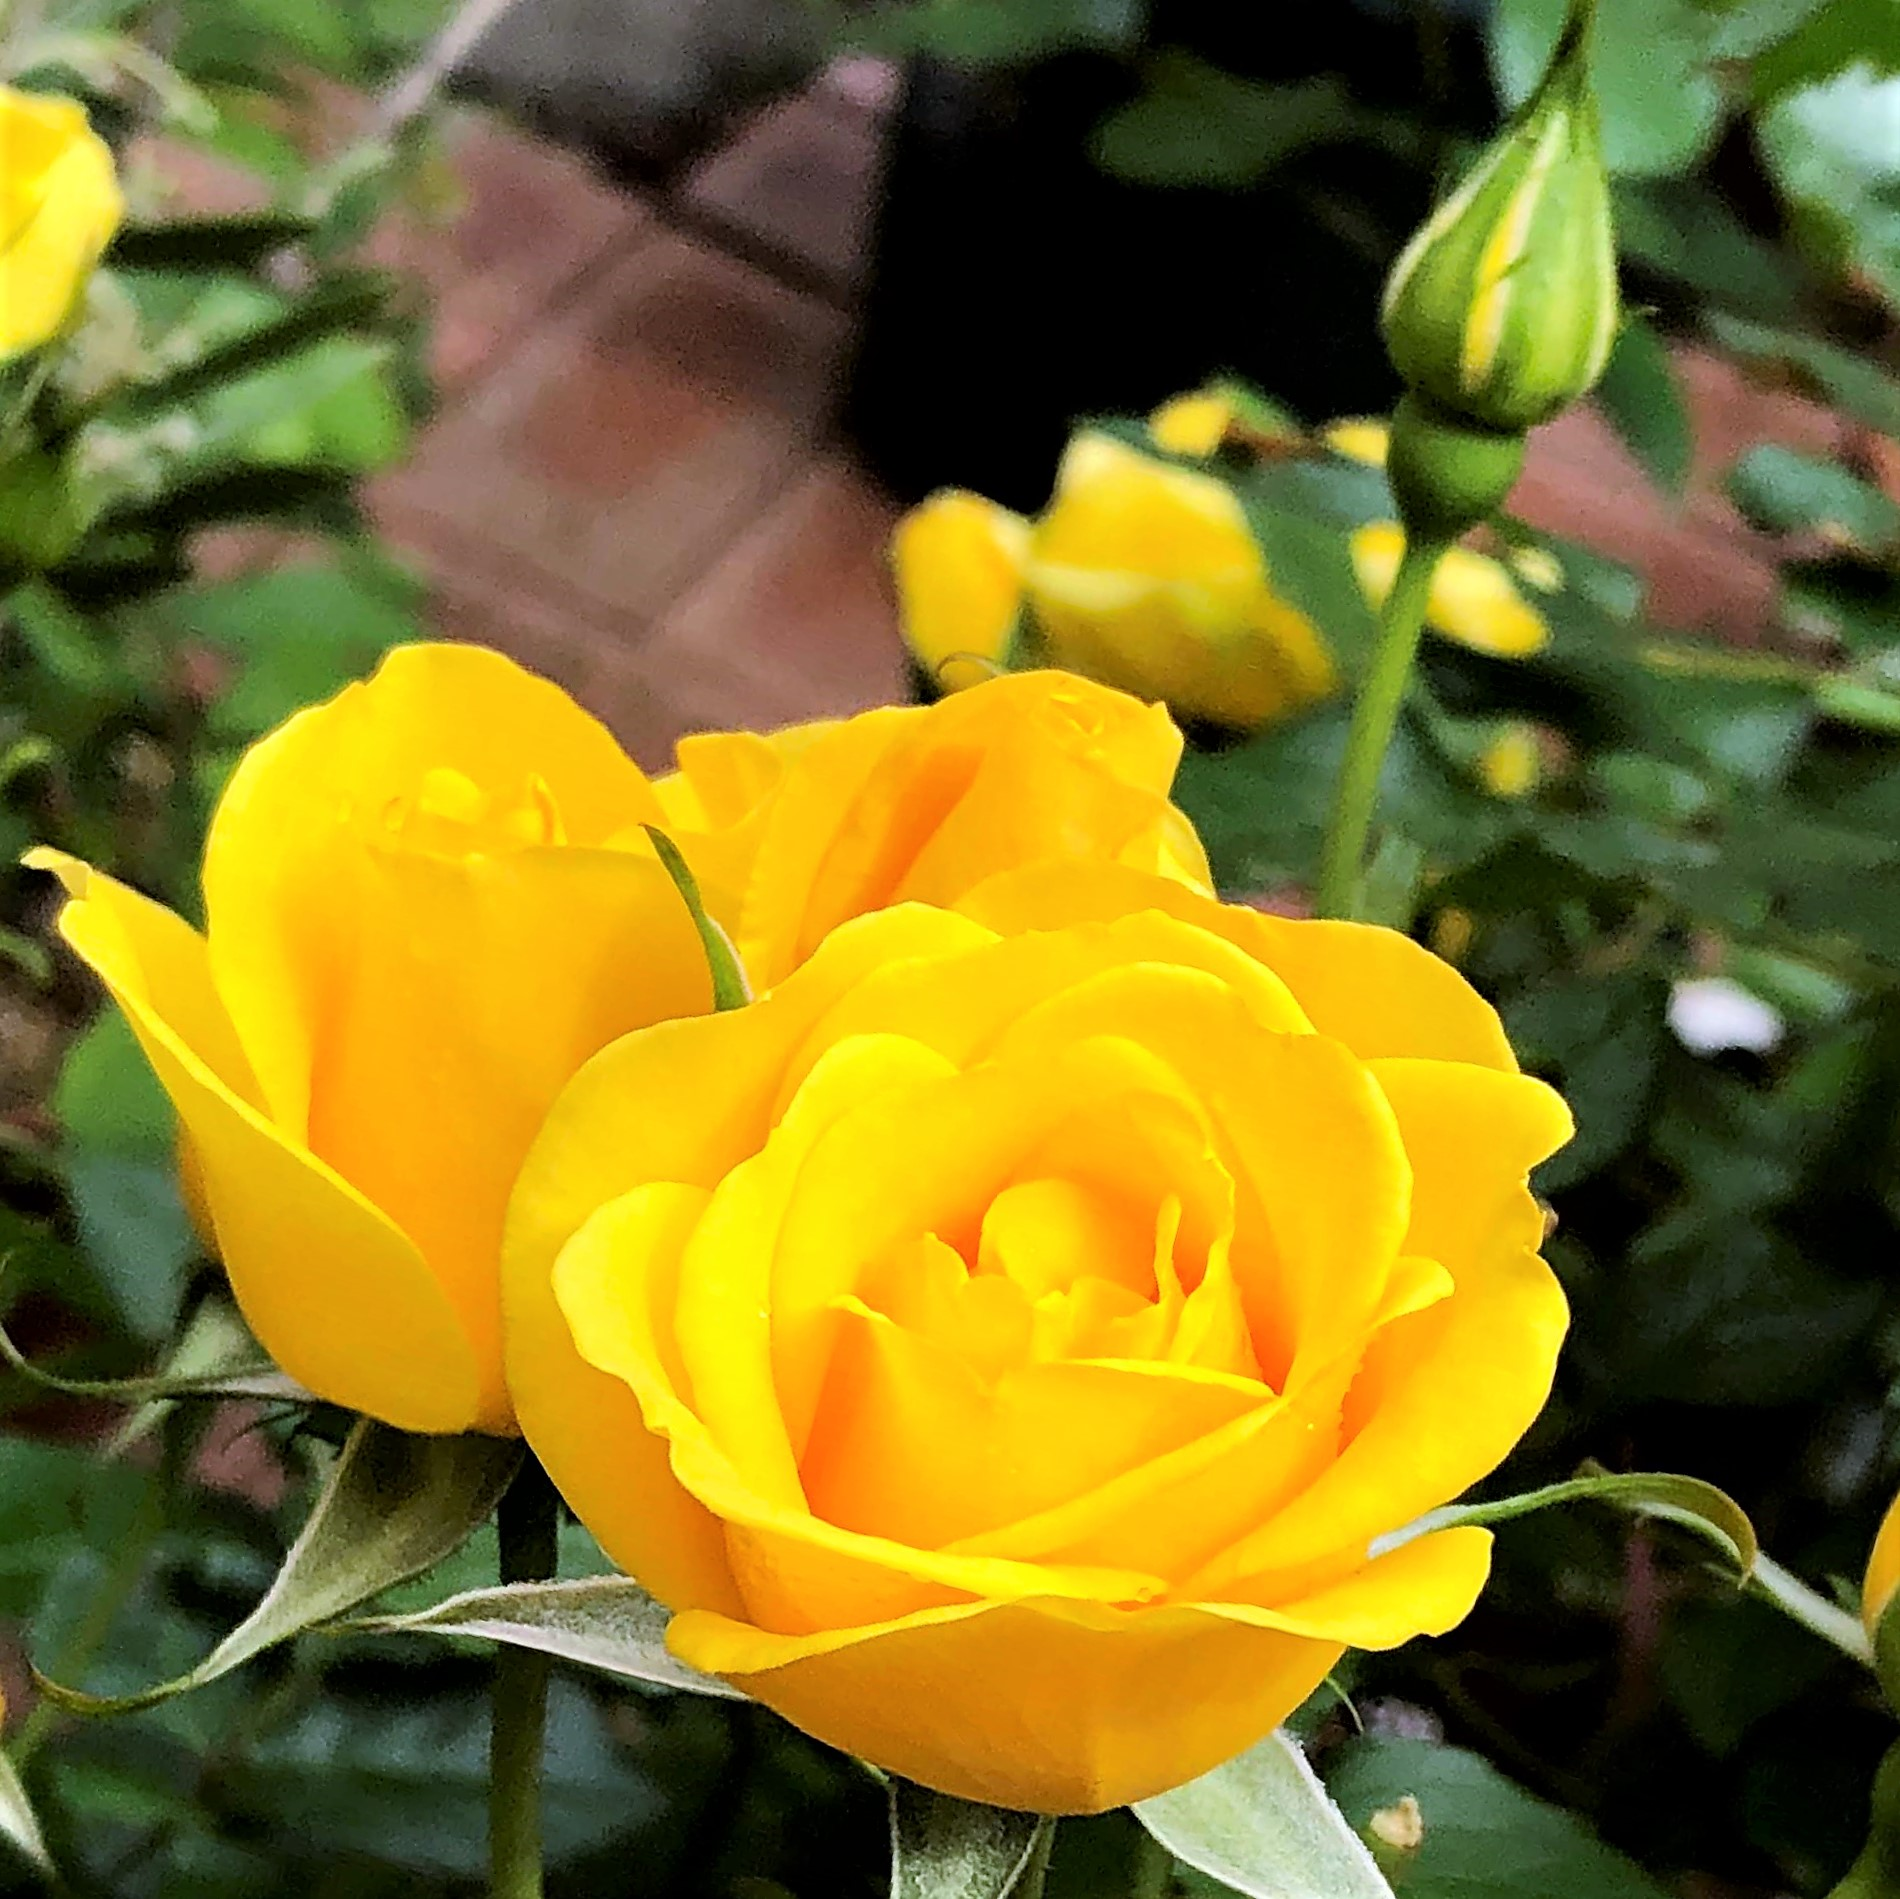 初夏の花 黄色いバラ